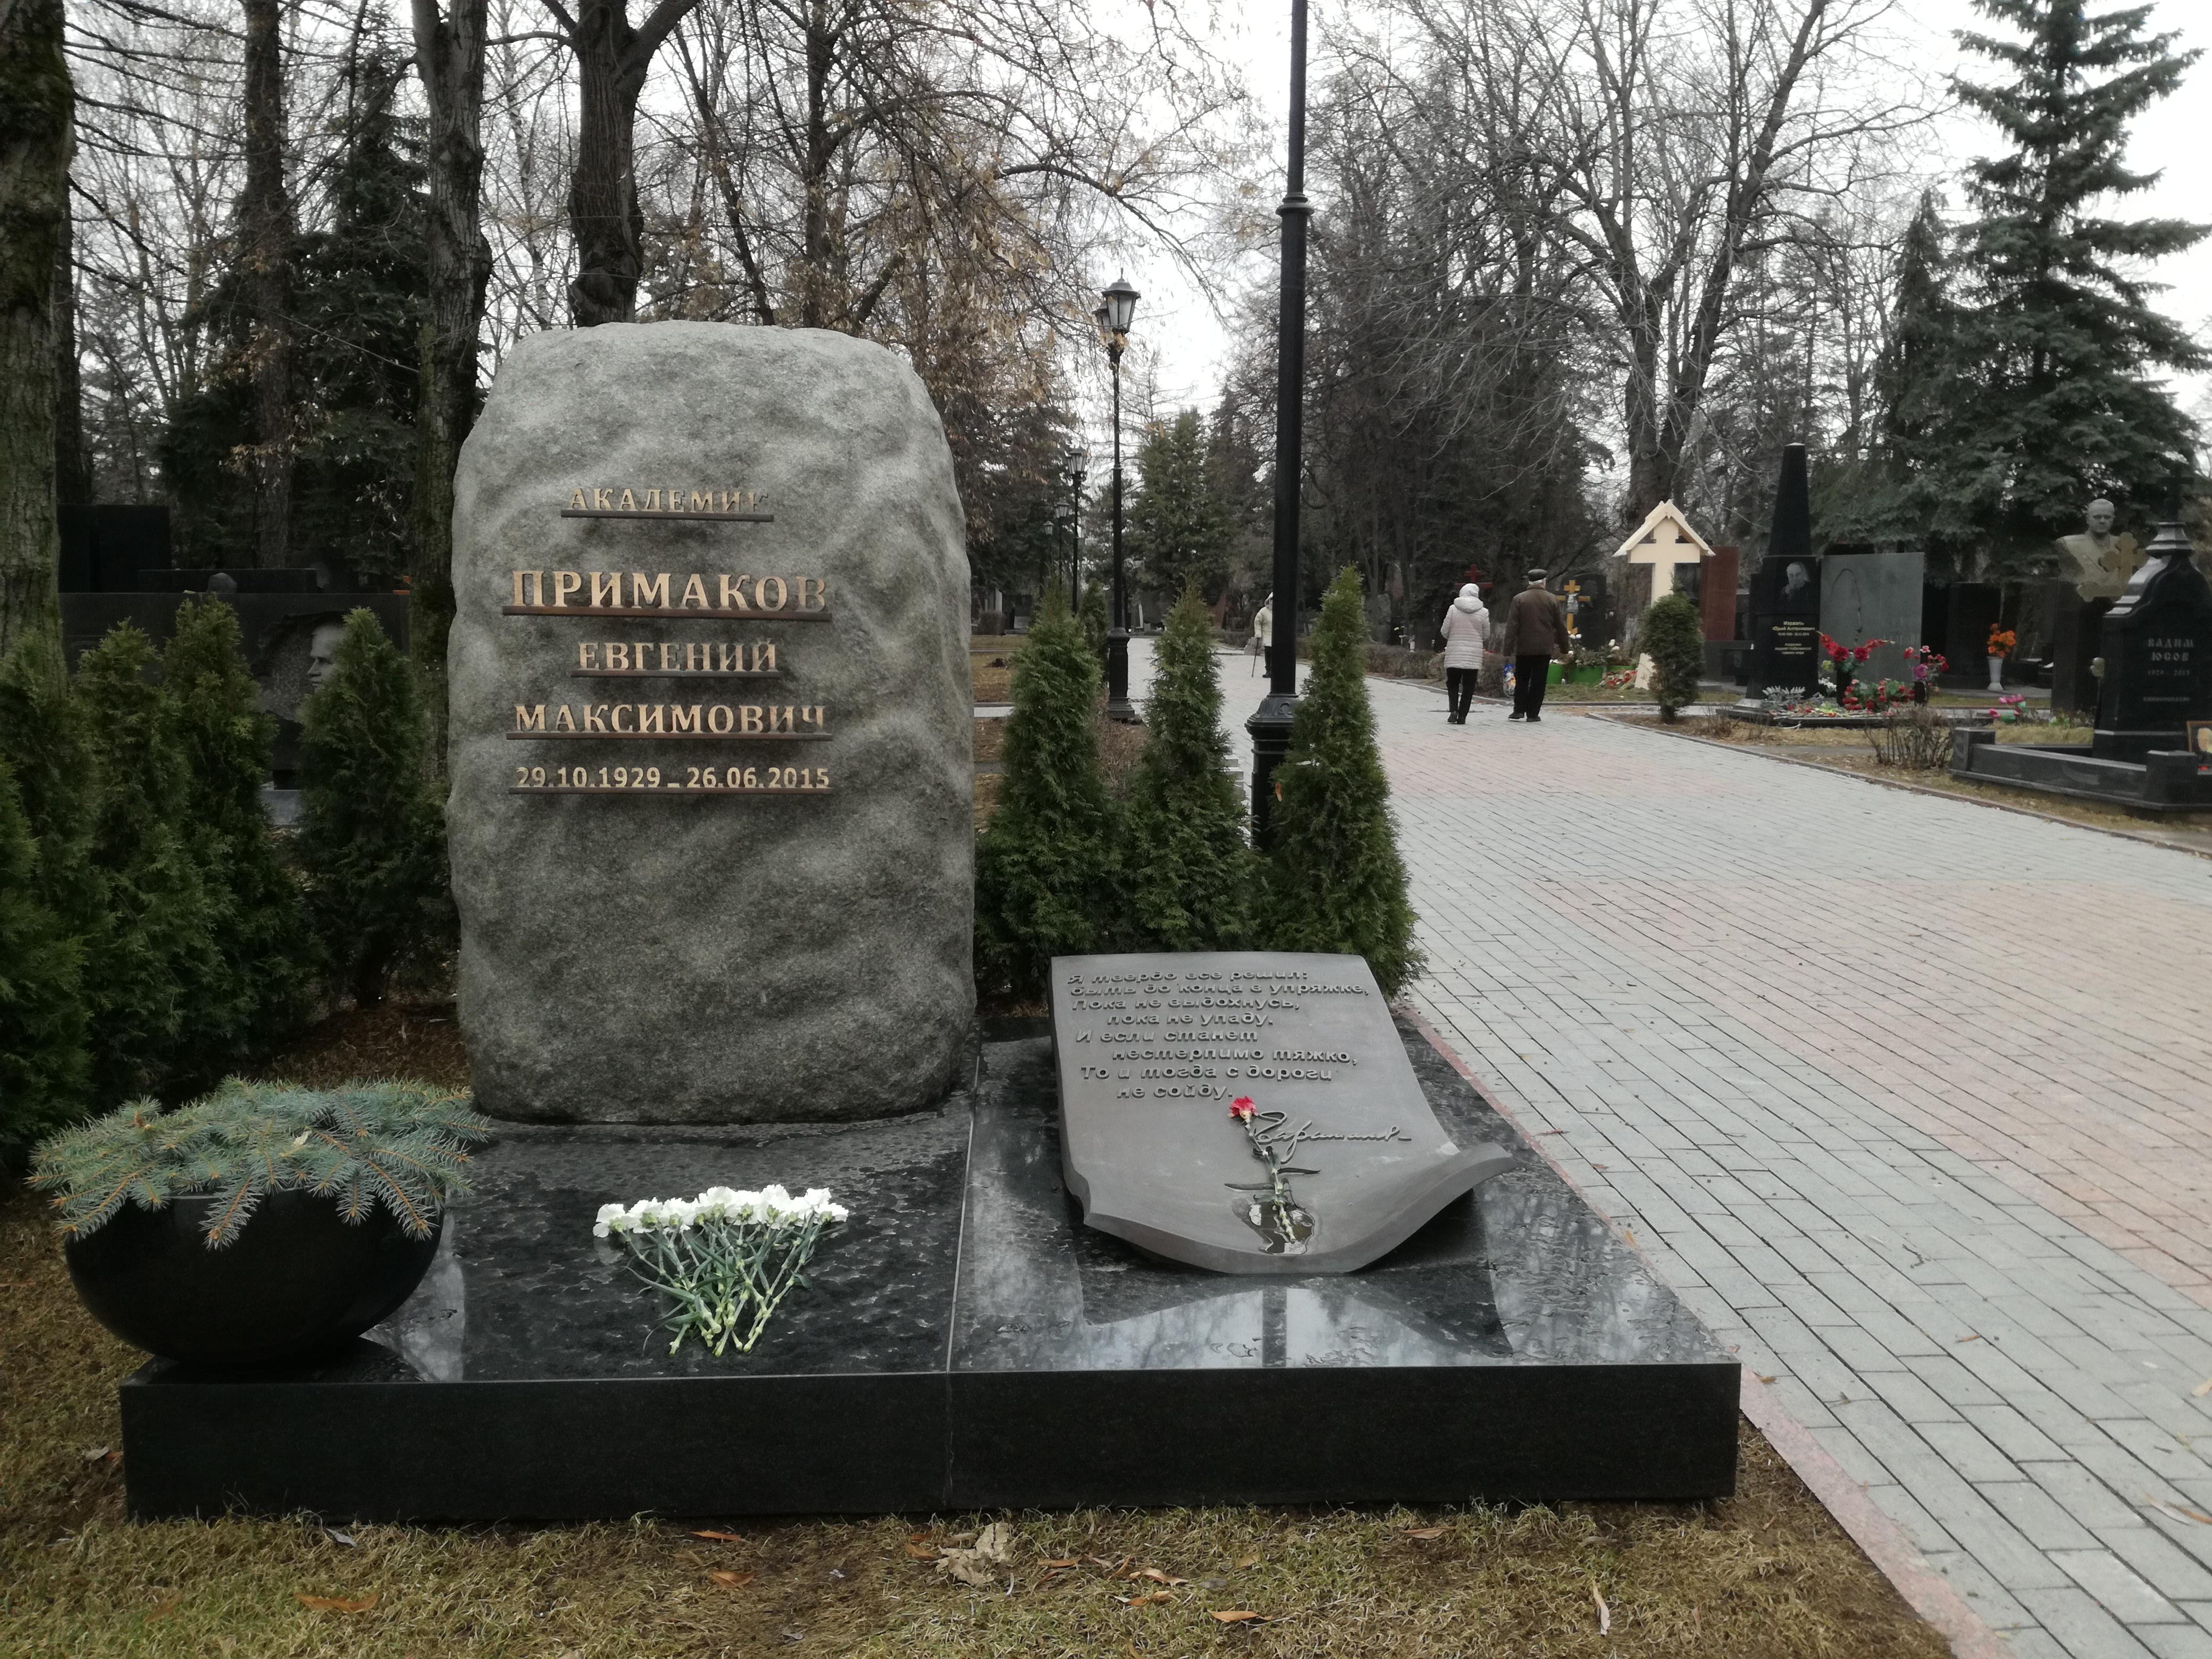 Памятник примакову на новодевичьем кладбище установка памятников на кладбище цены новосибирск